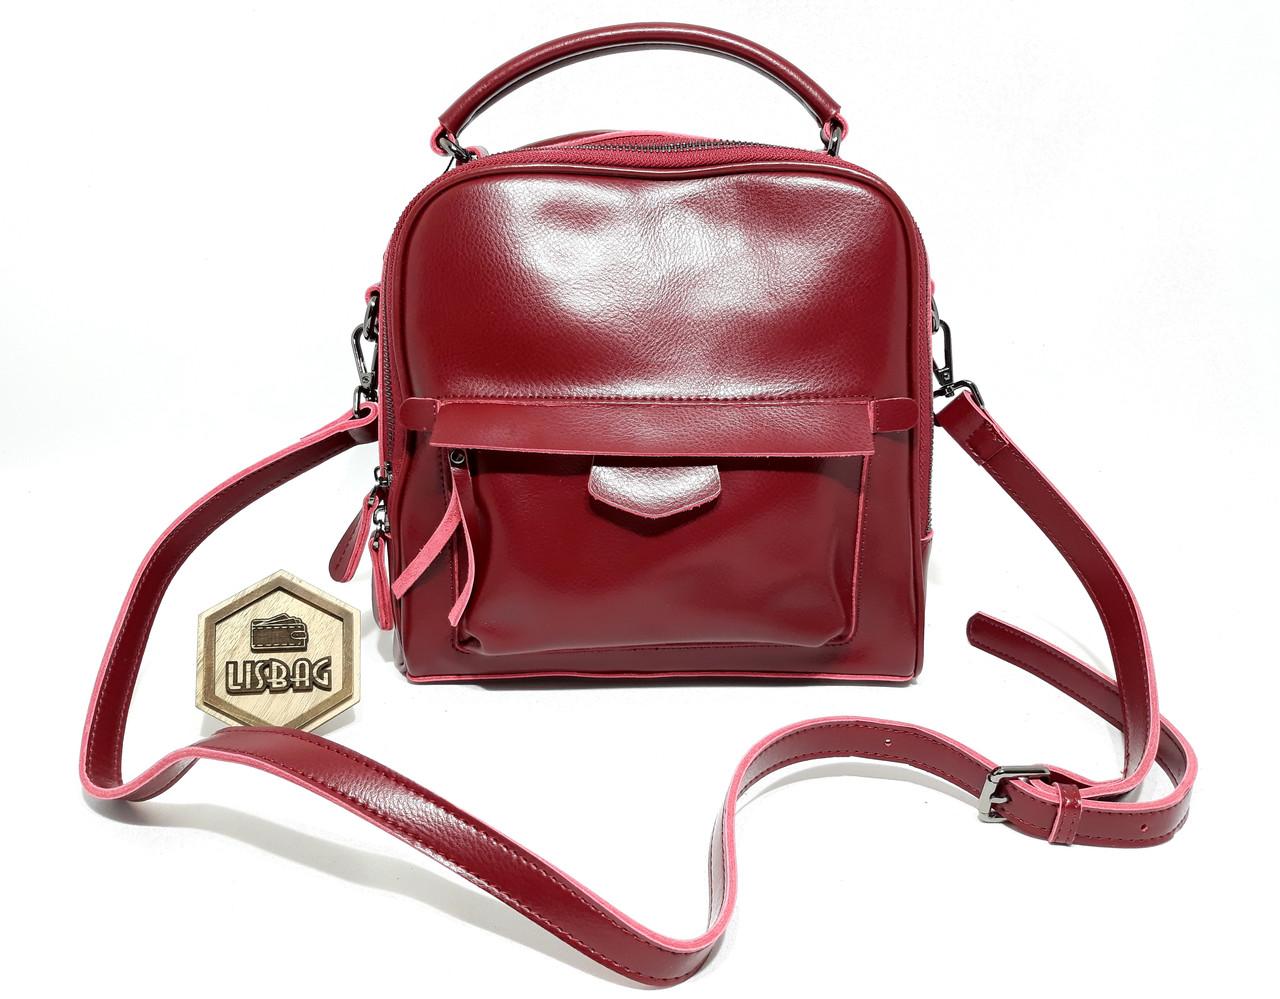 def0ad8e7c73 Женская кожаная модная сумка классического стиля Бордового цвета - Интернет  магазин Lisbag в Умани